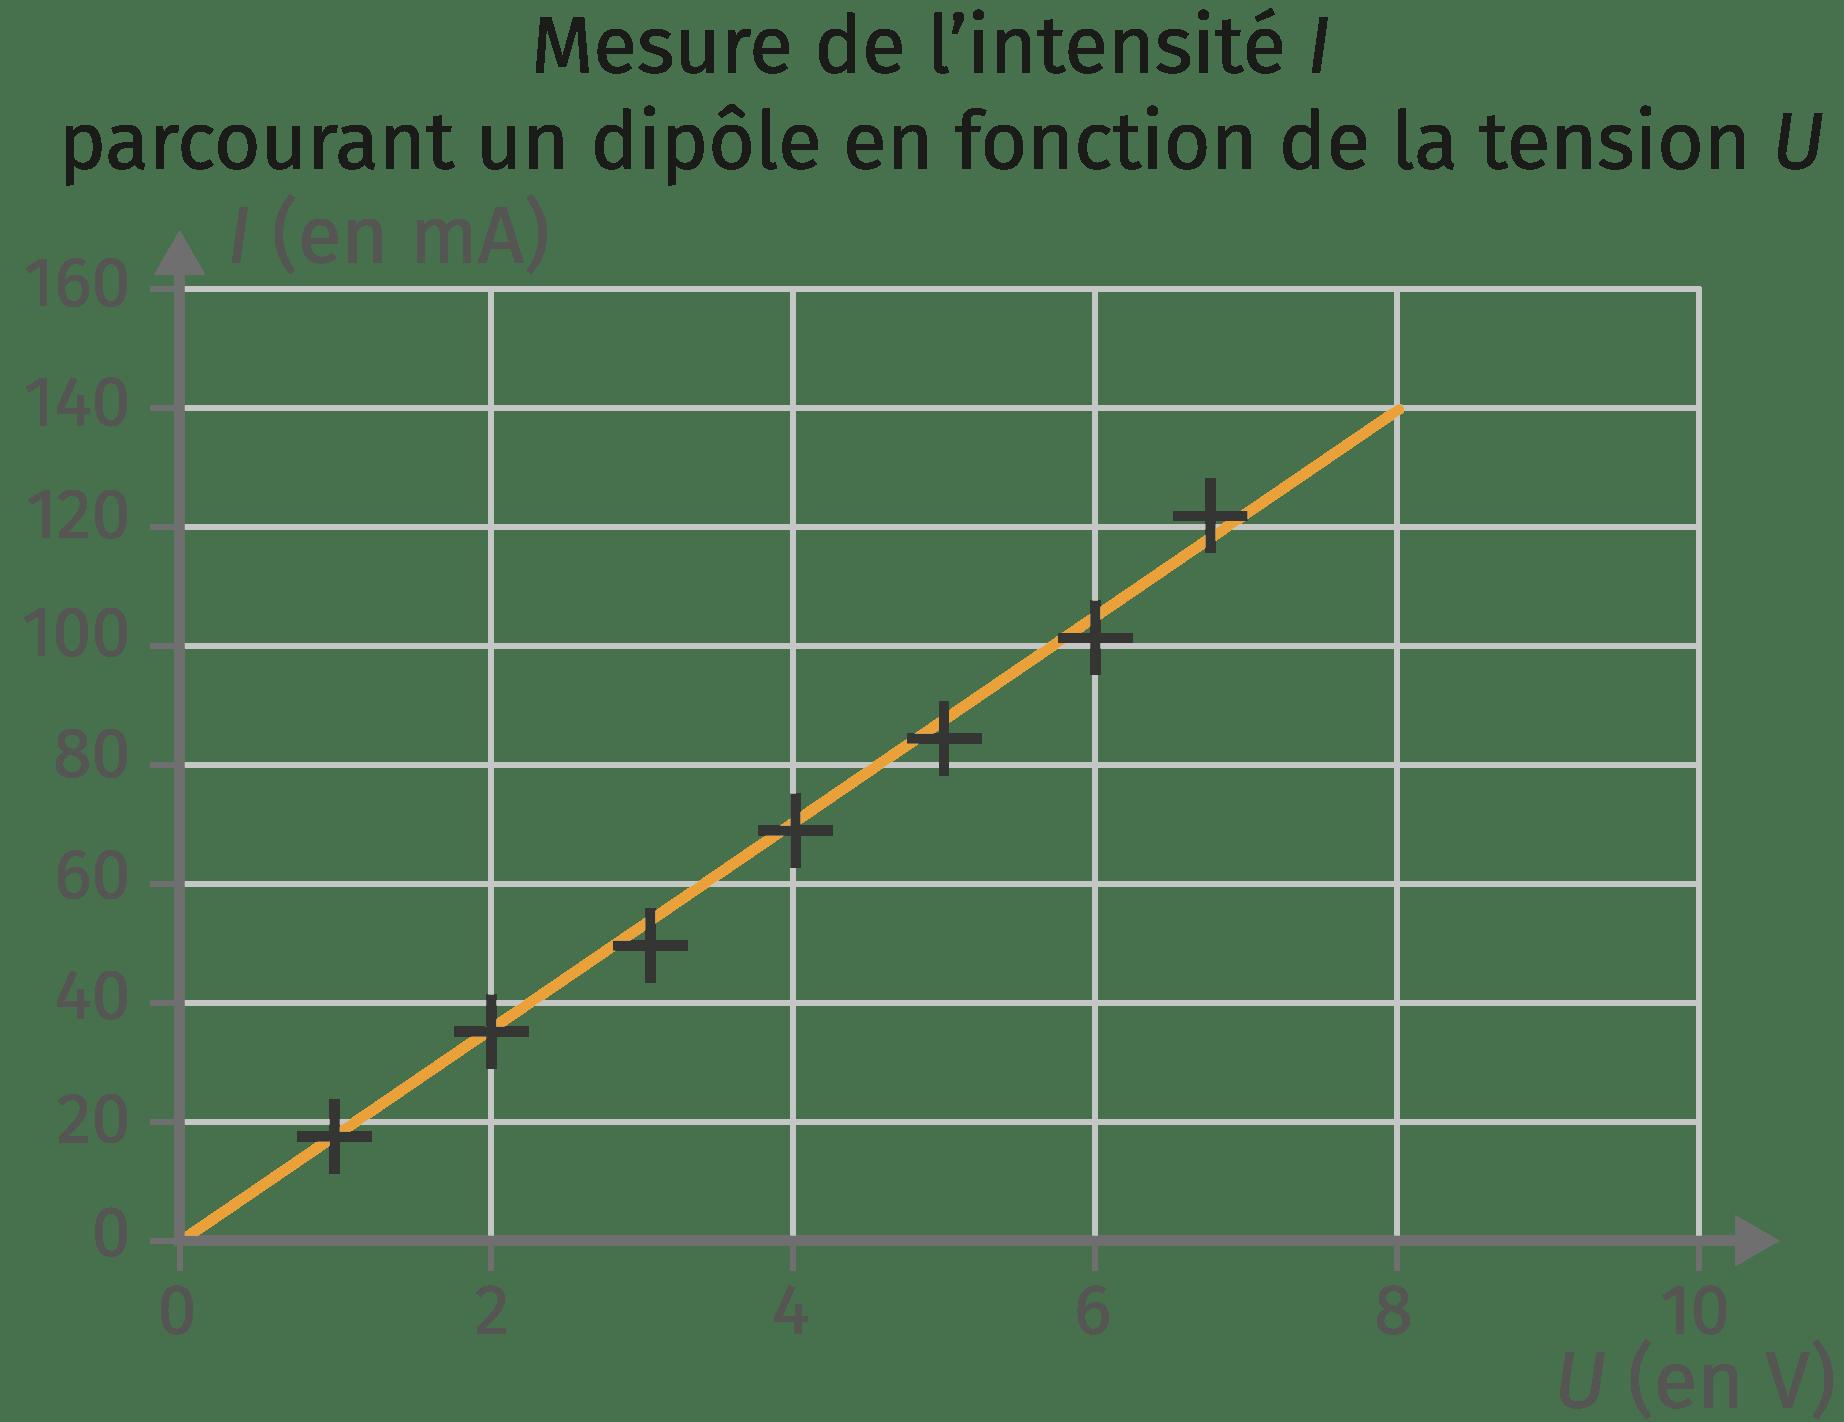 Mesure de l'intensité